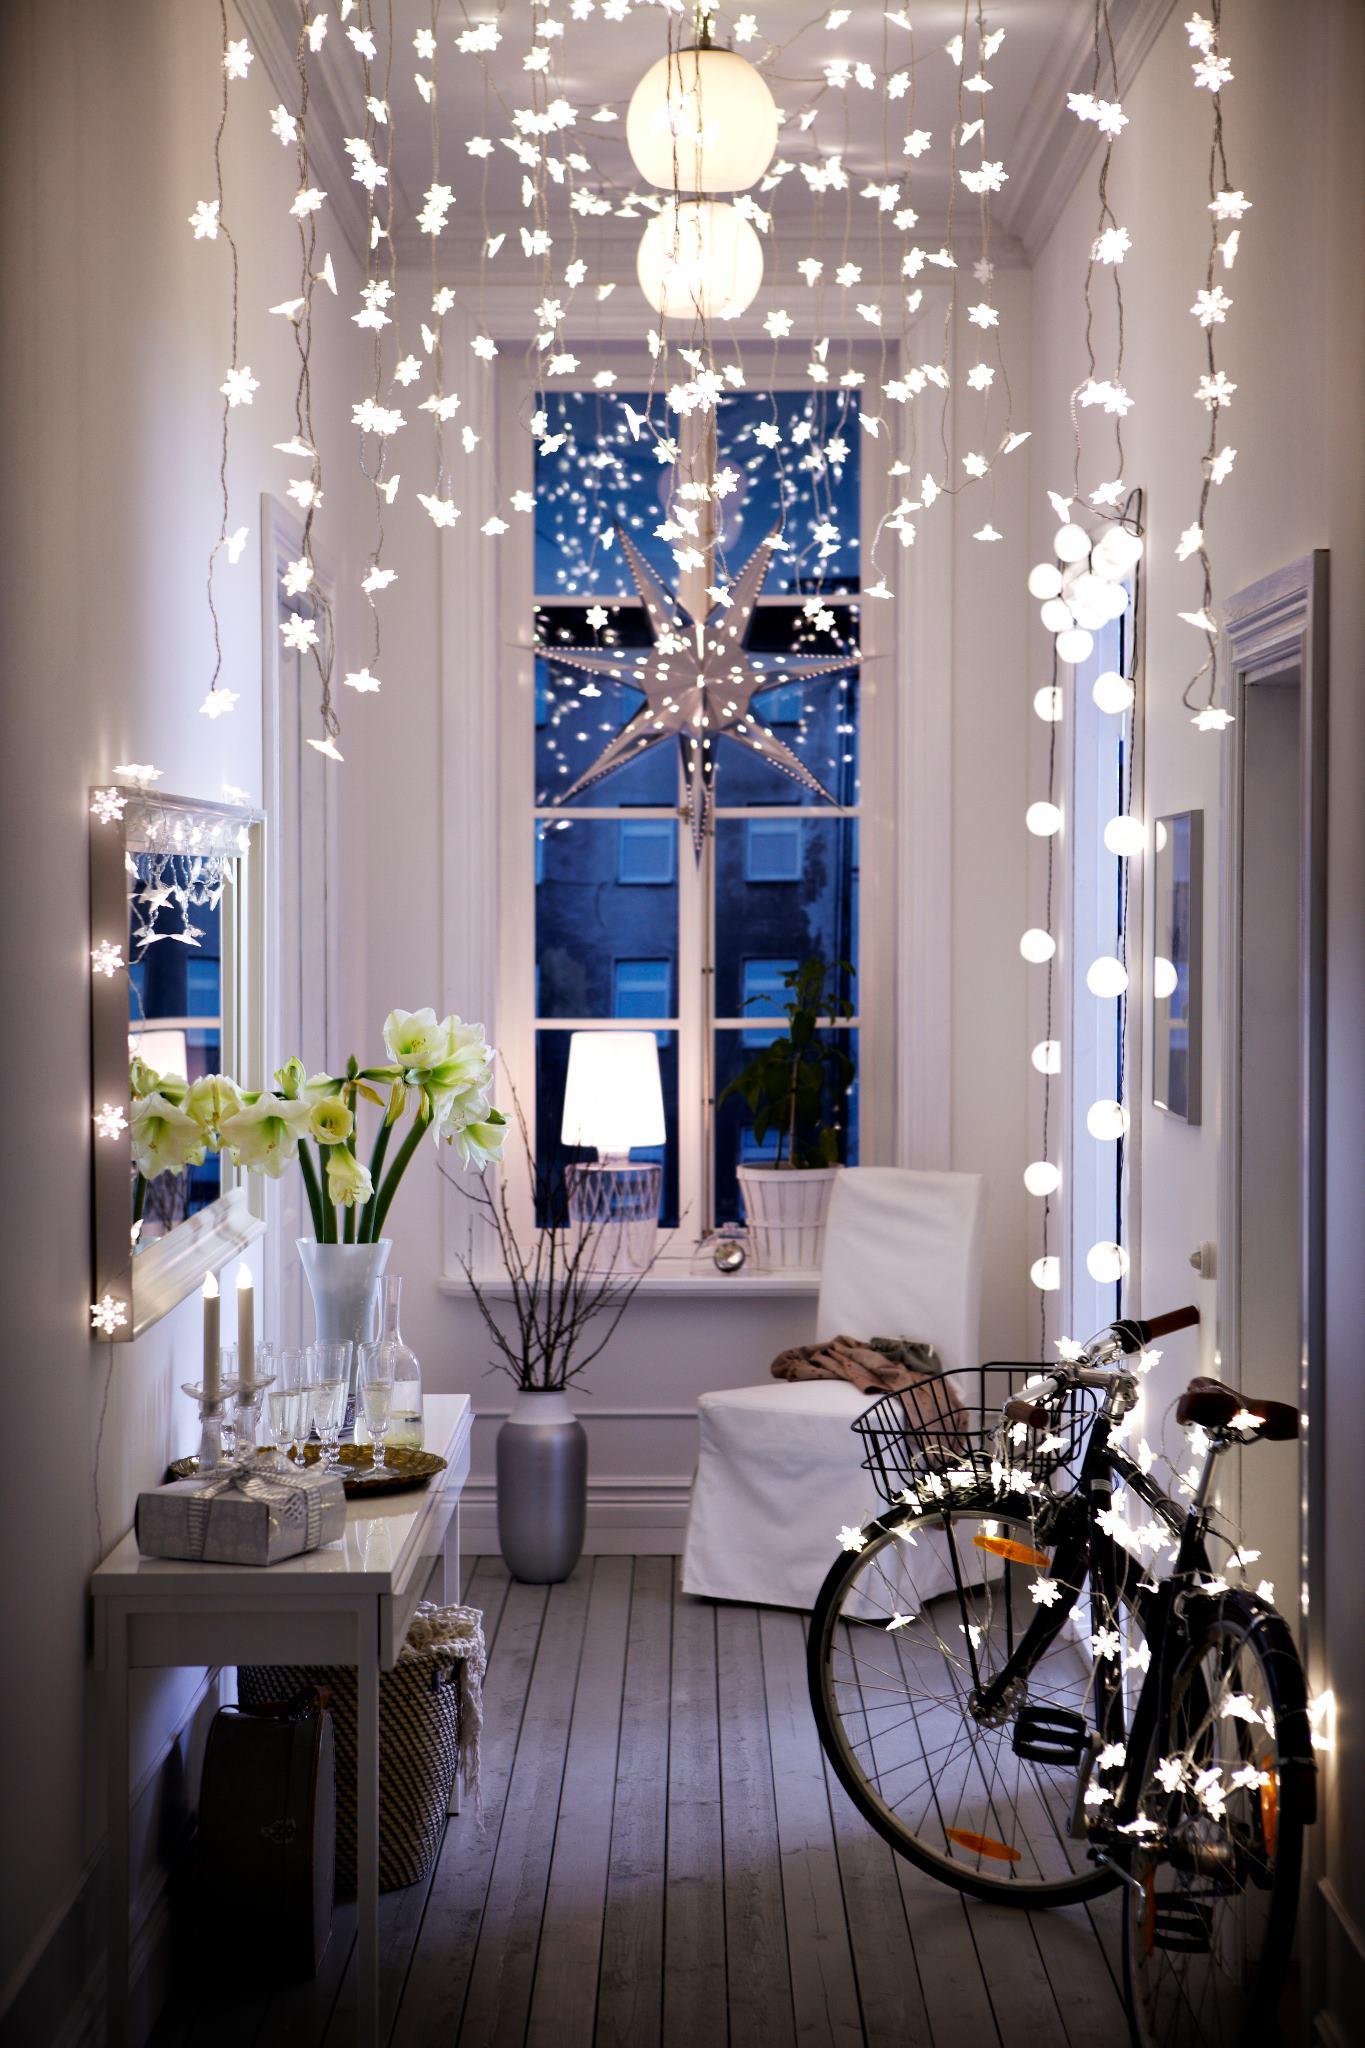 Как красиво украсит квартиру к новому году